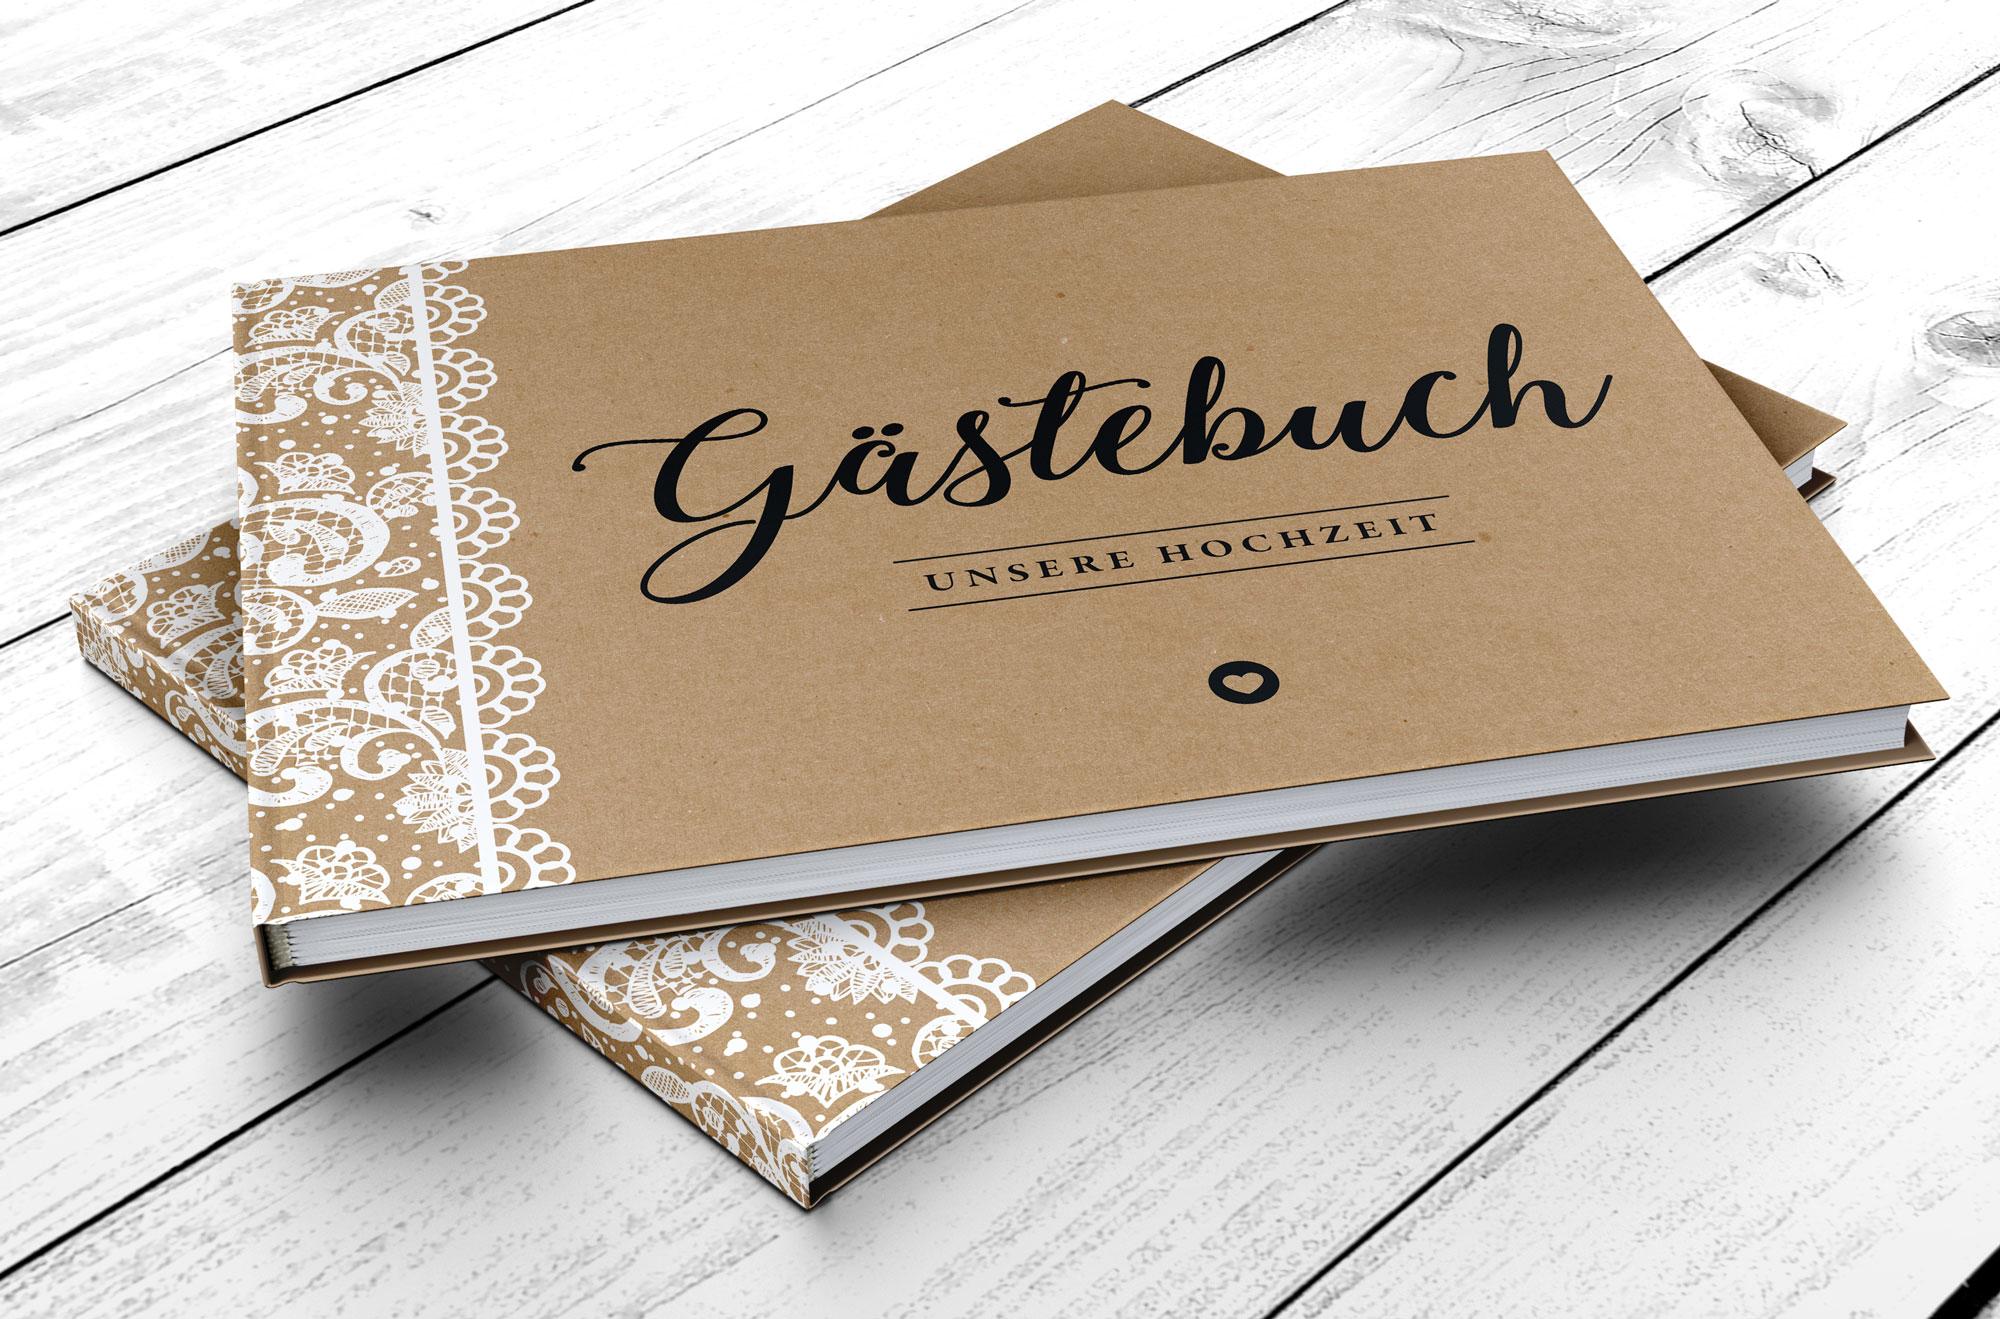 Elegant Gästebuch Hochzeit Seite Gestalten Beste Wahl Gästebuch Mit Fragen - Vintage Spitzen